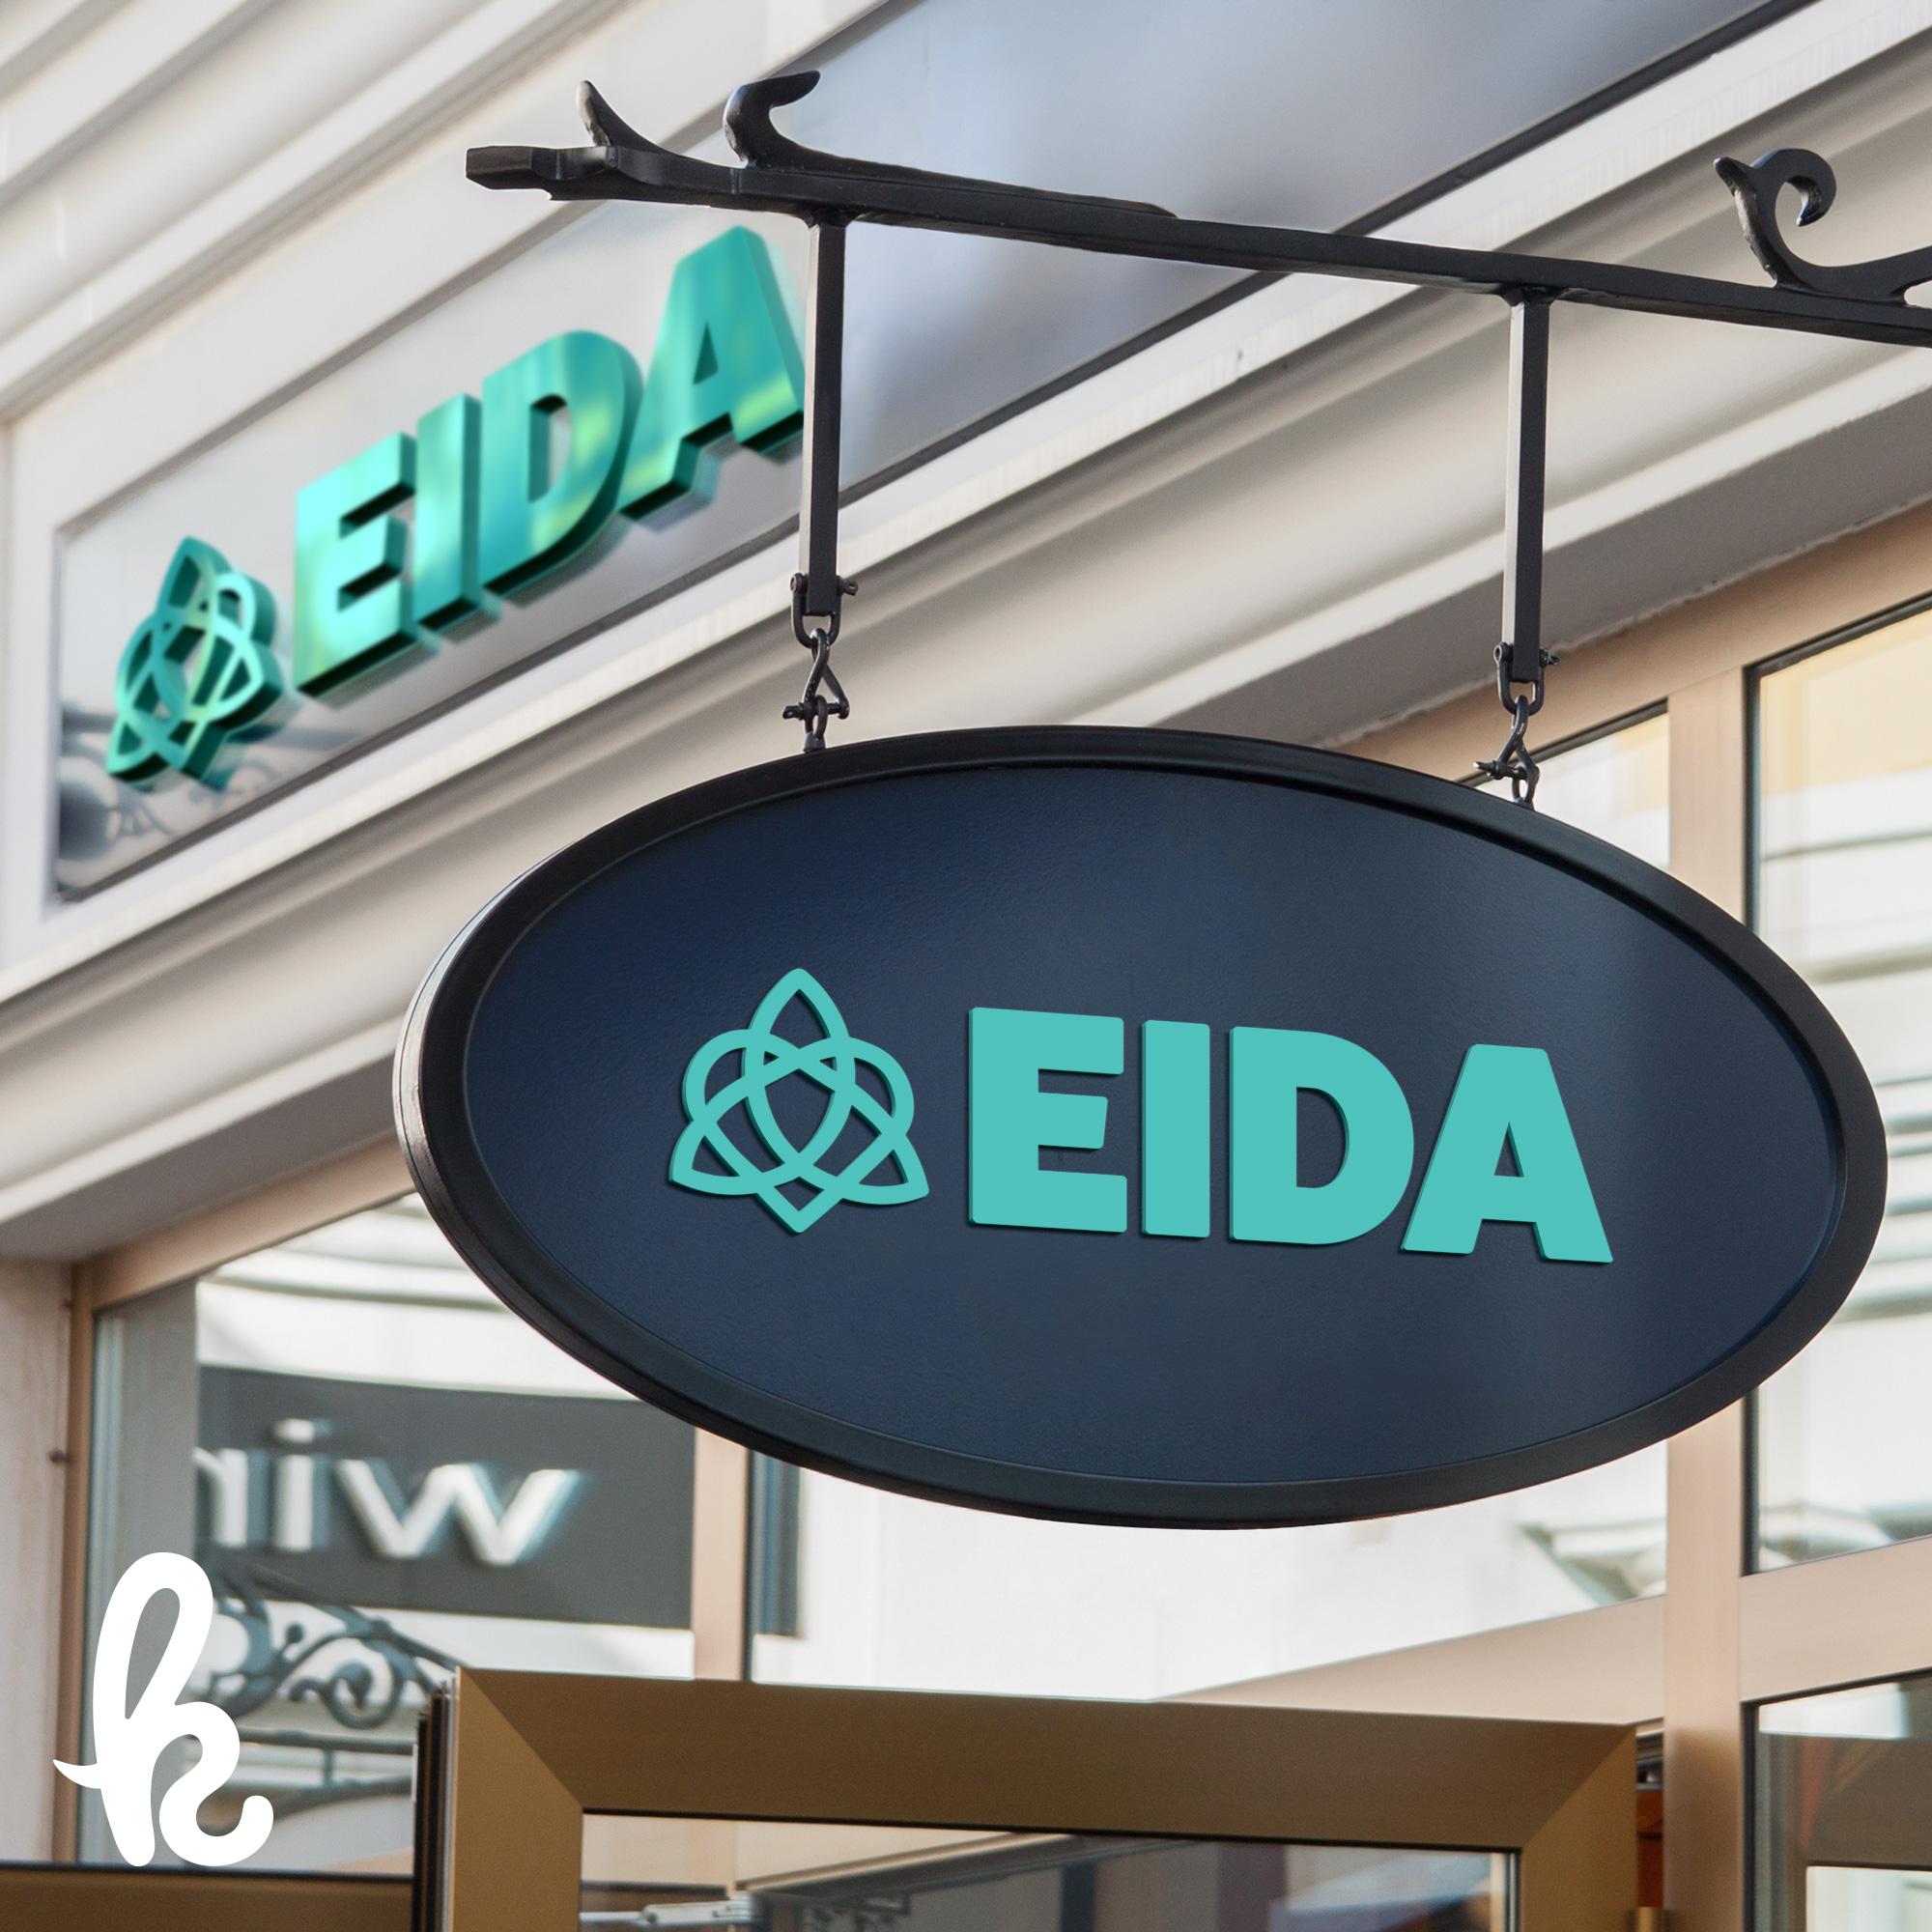 EIDA - Signage